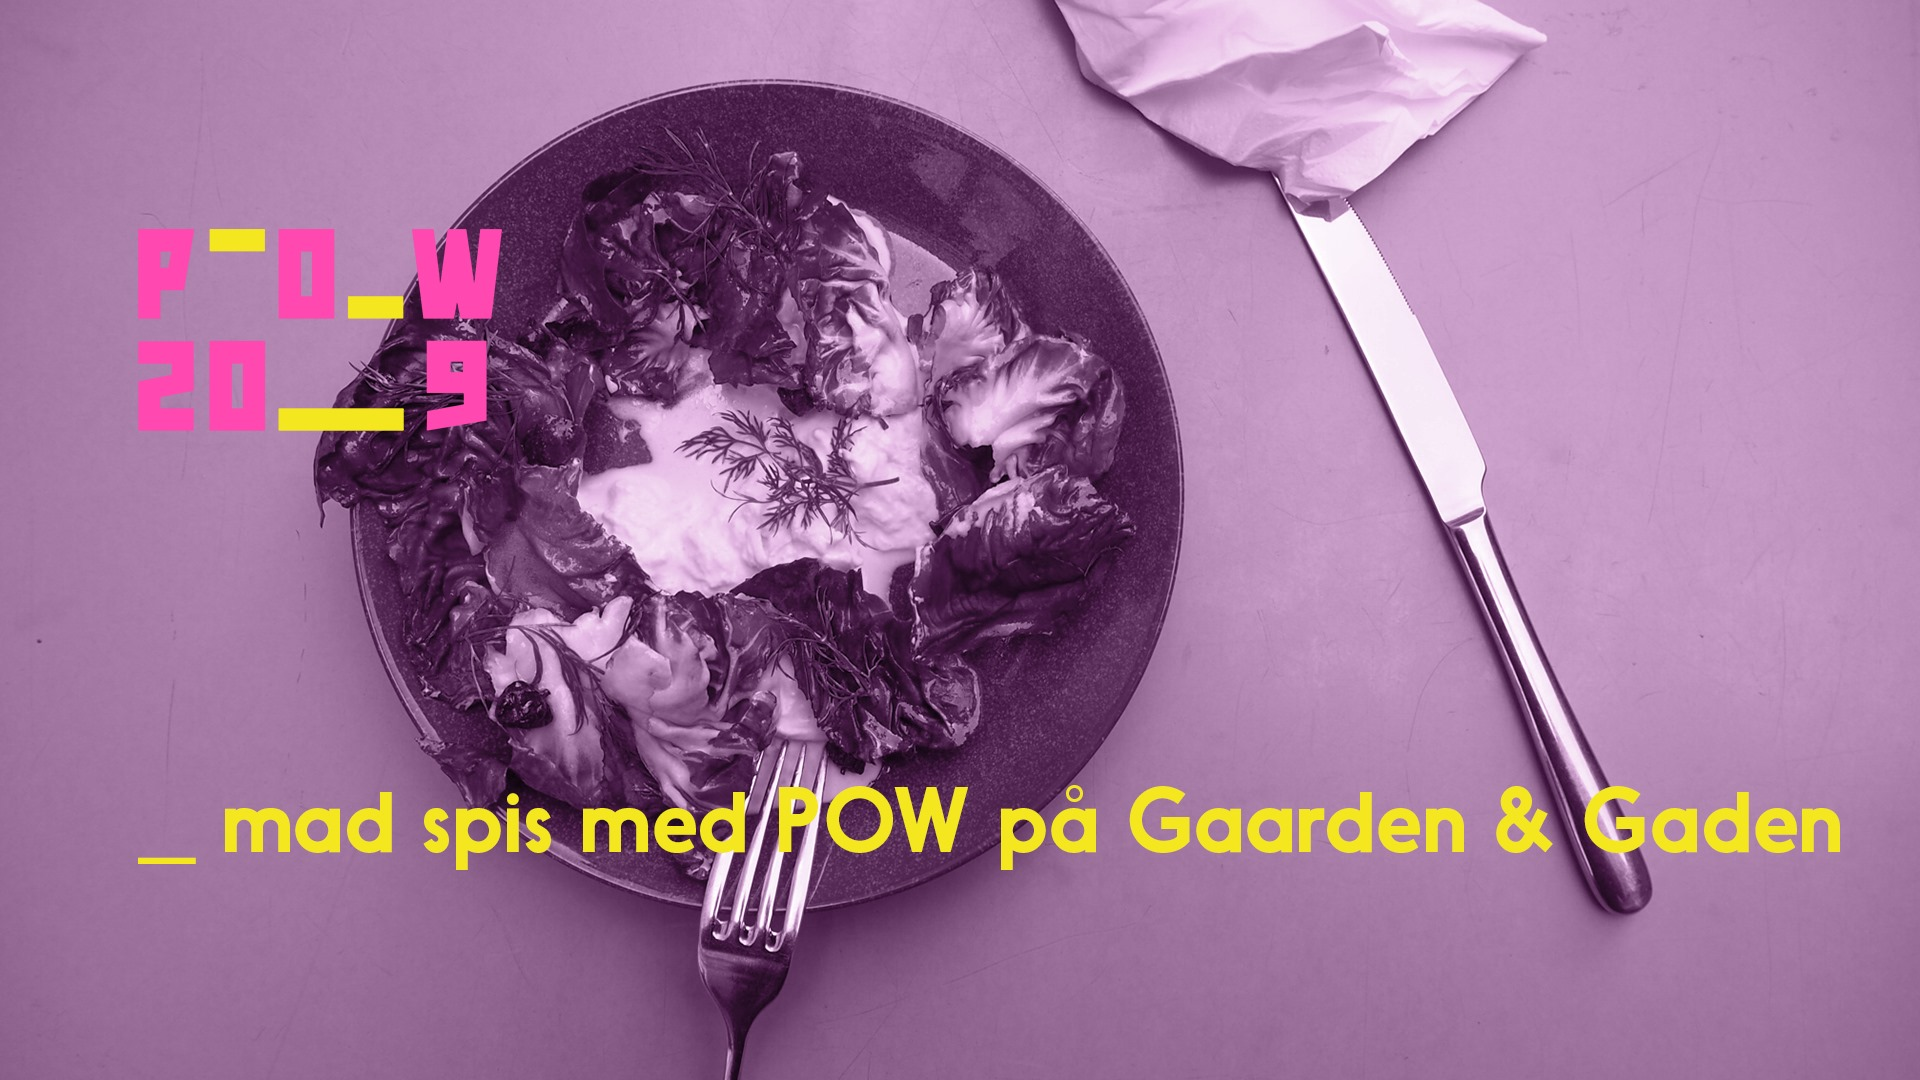 Spis sammen med POW!